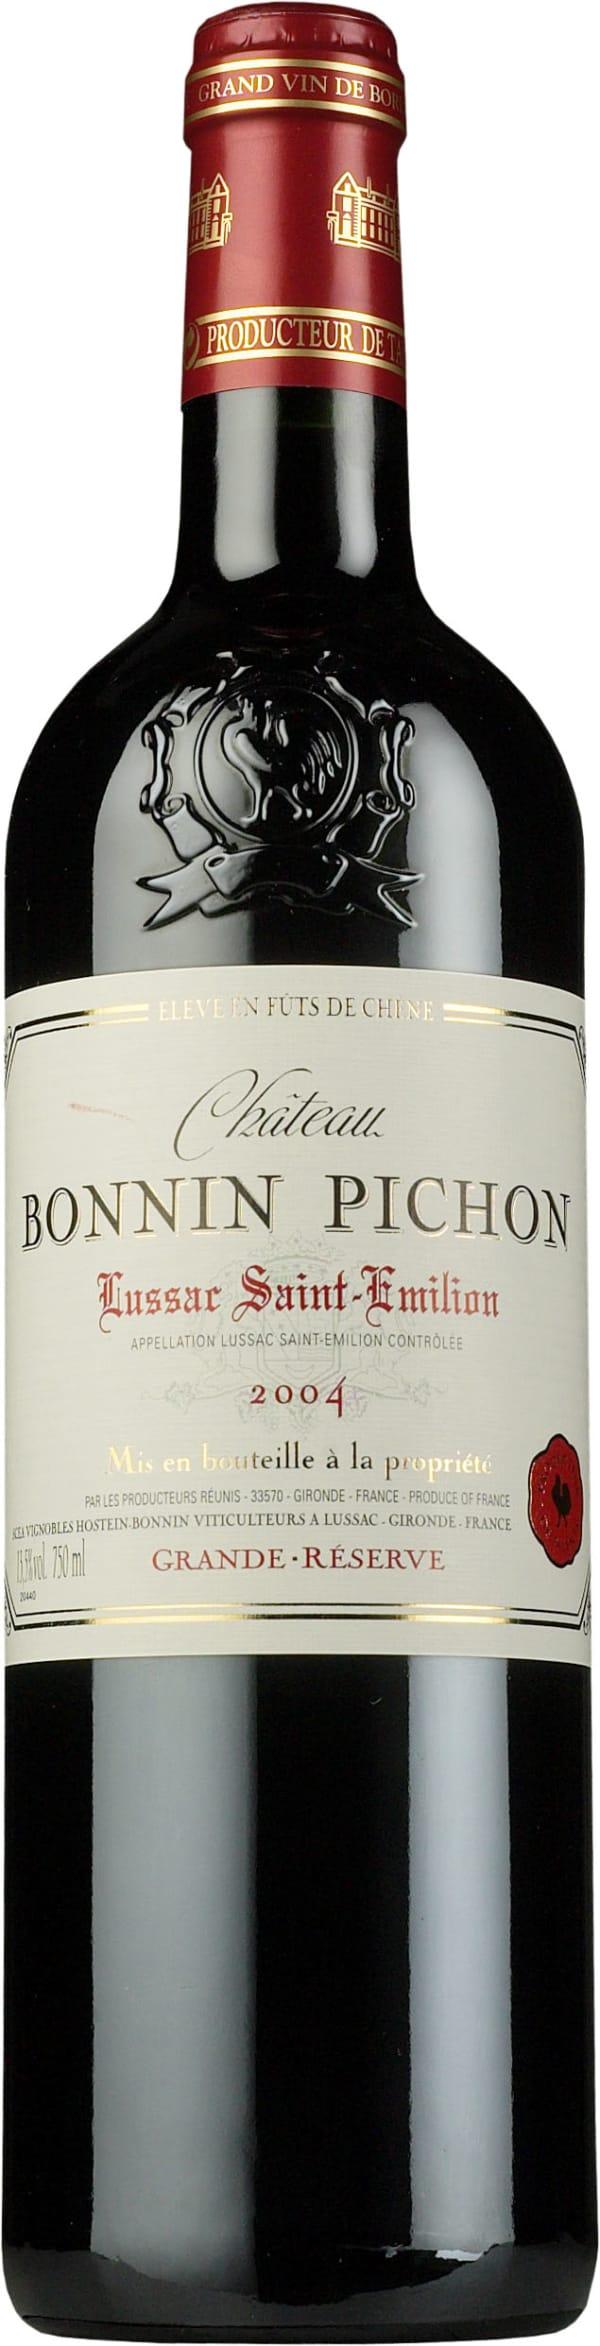 chateau-bonnin-pichon-2019